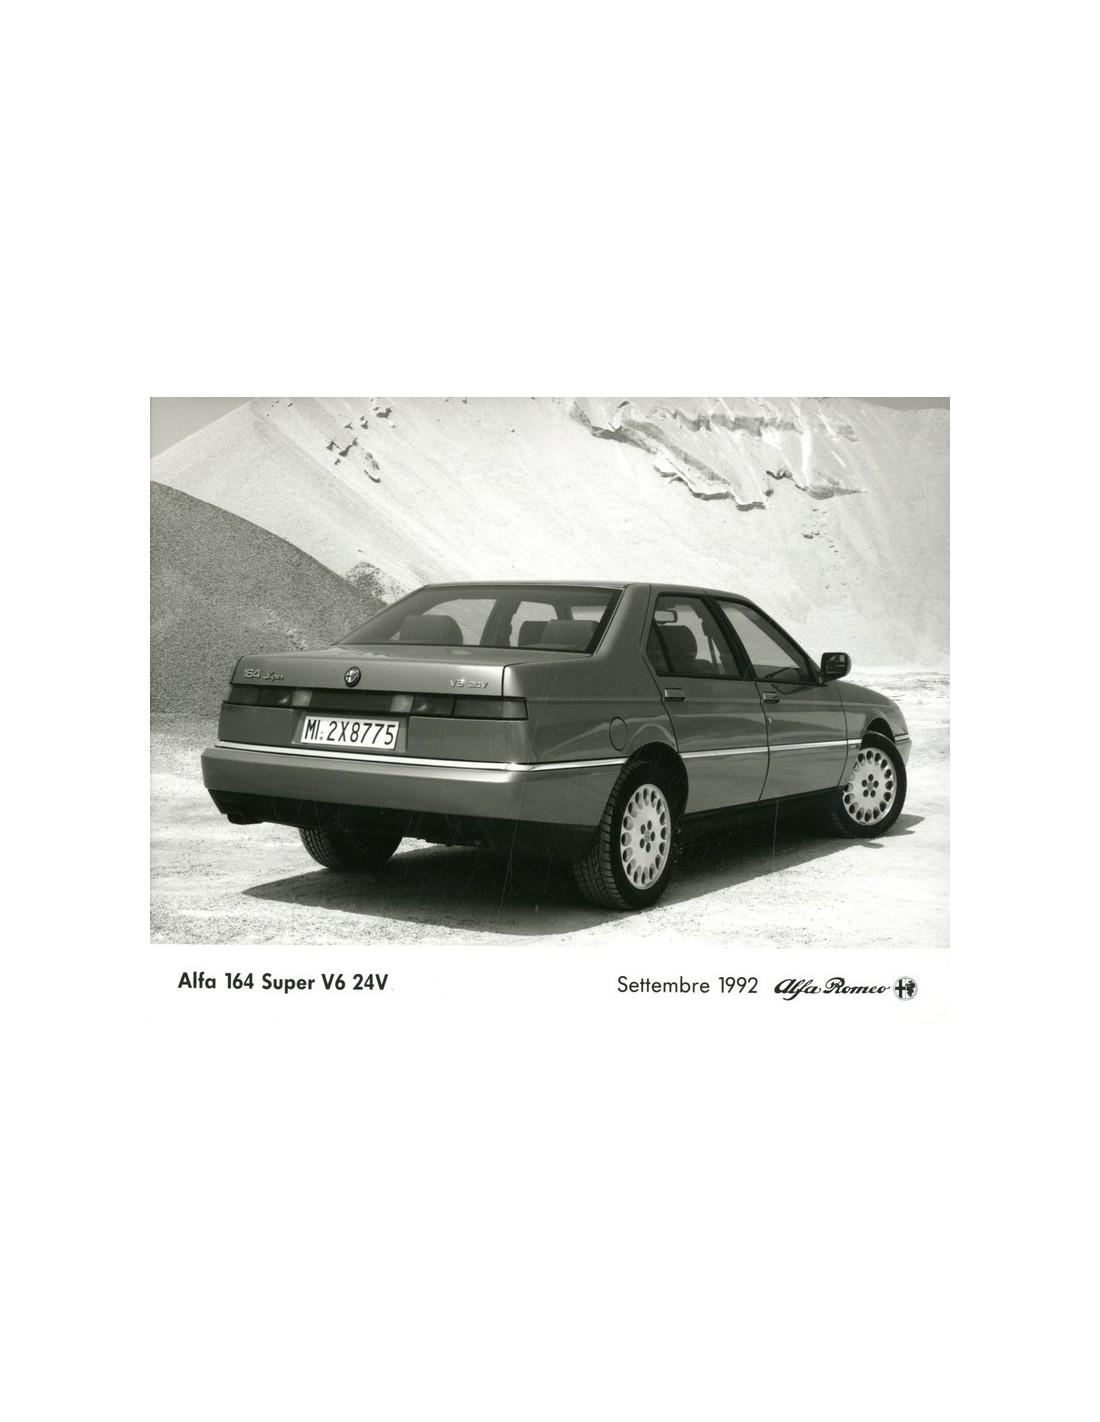 1992 ALFA ROMEO 164 SUPER V6 24V PRESS PHOTO